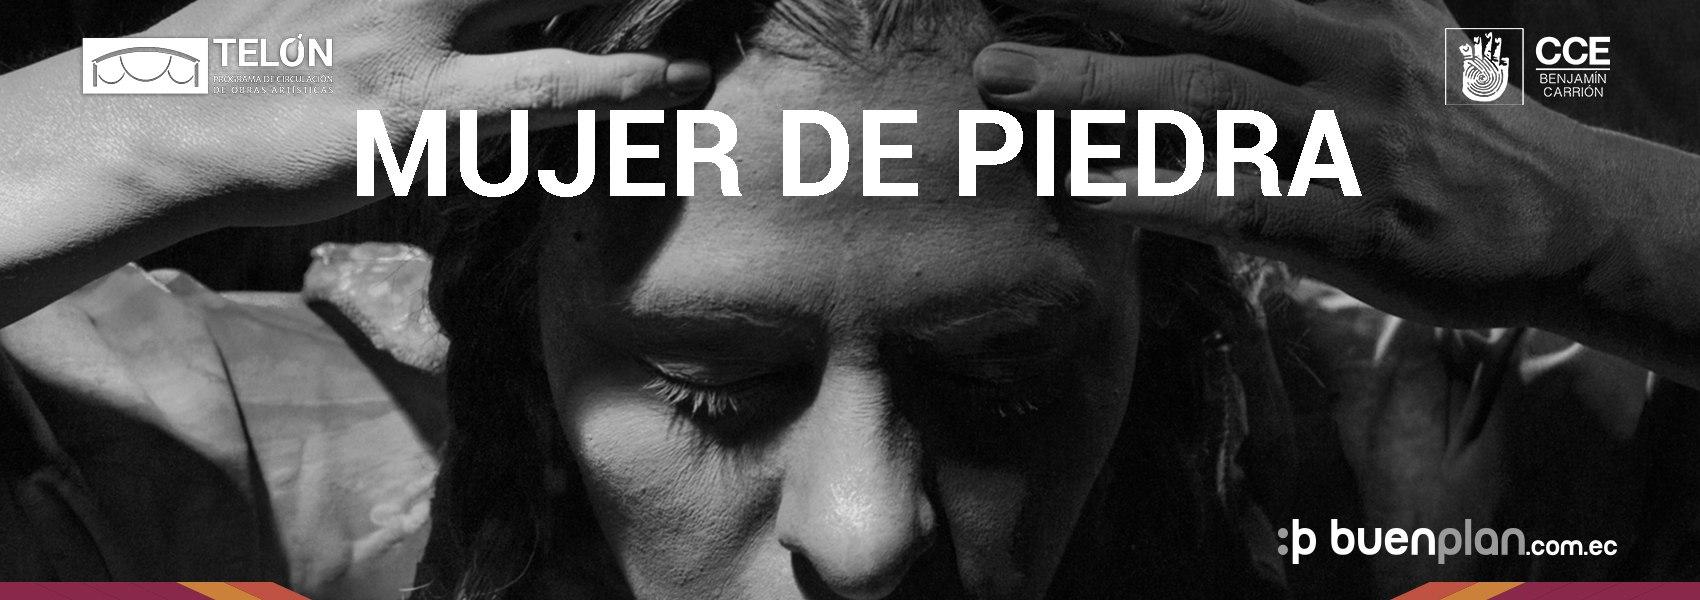 Mujer de Piedra - 30 de Agosto en Quito, BuenPlan